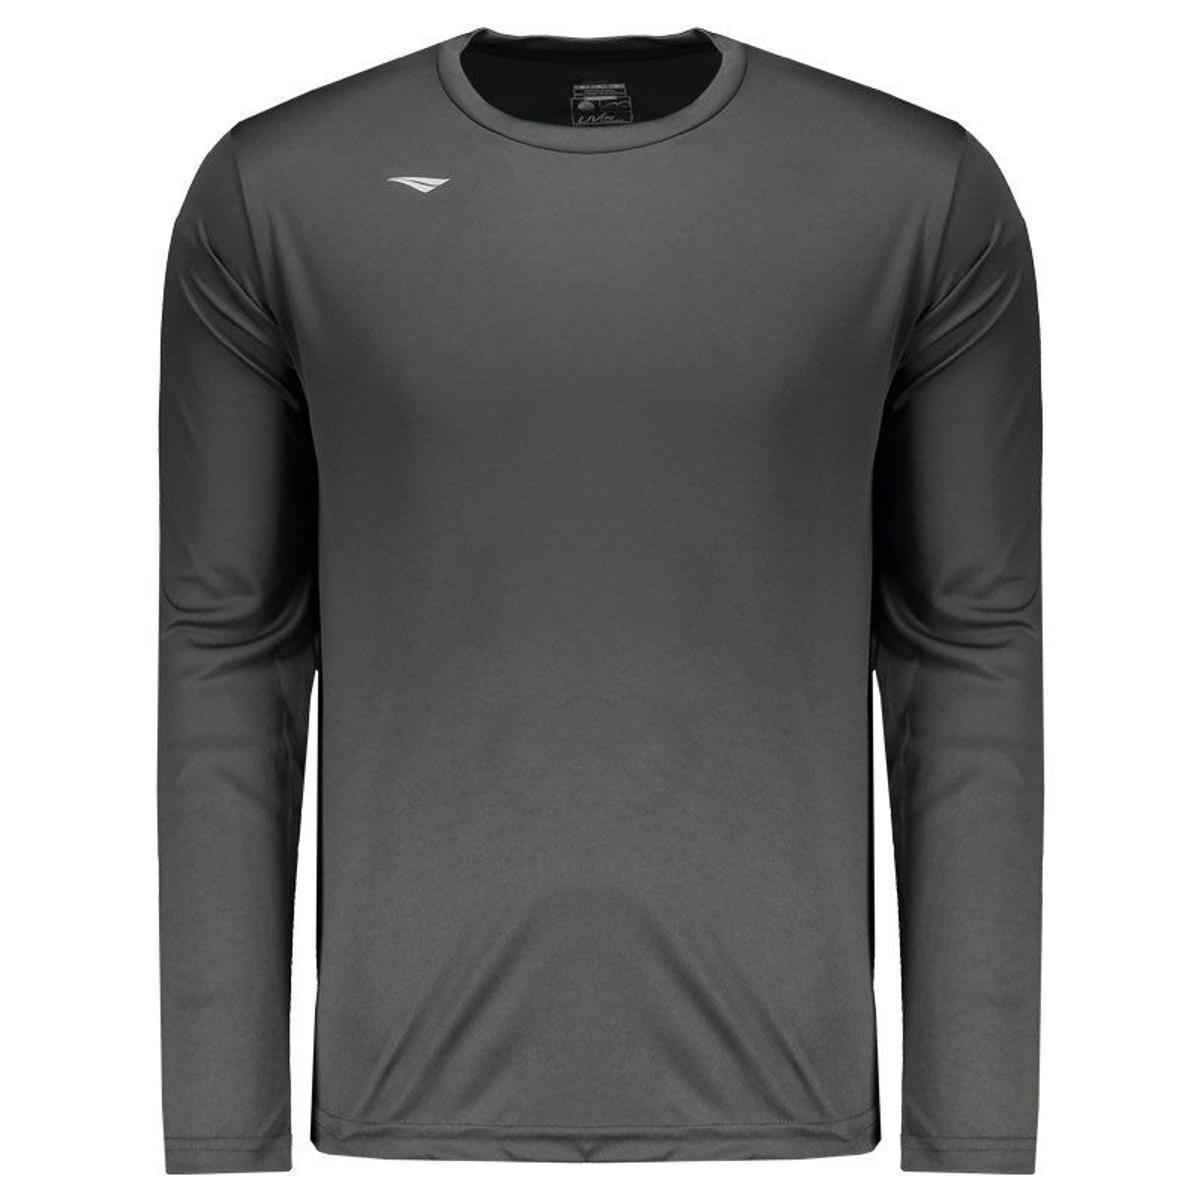 590bd2bcf886b Camisa Penalty Matis IX Manga Longa Masculina - Cinza - Compre Agora ...